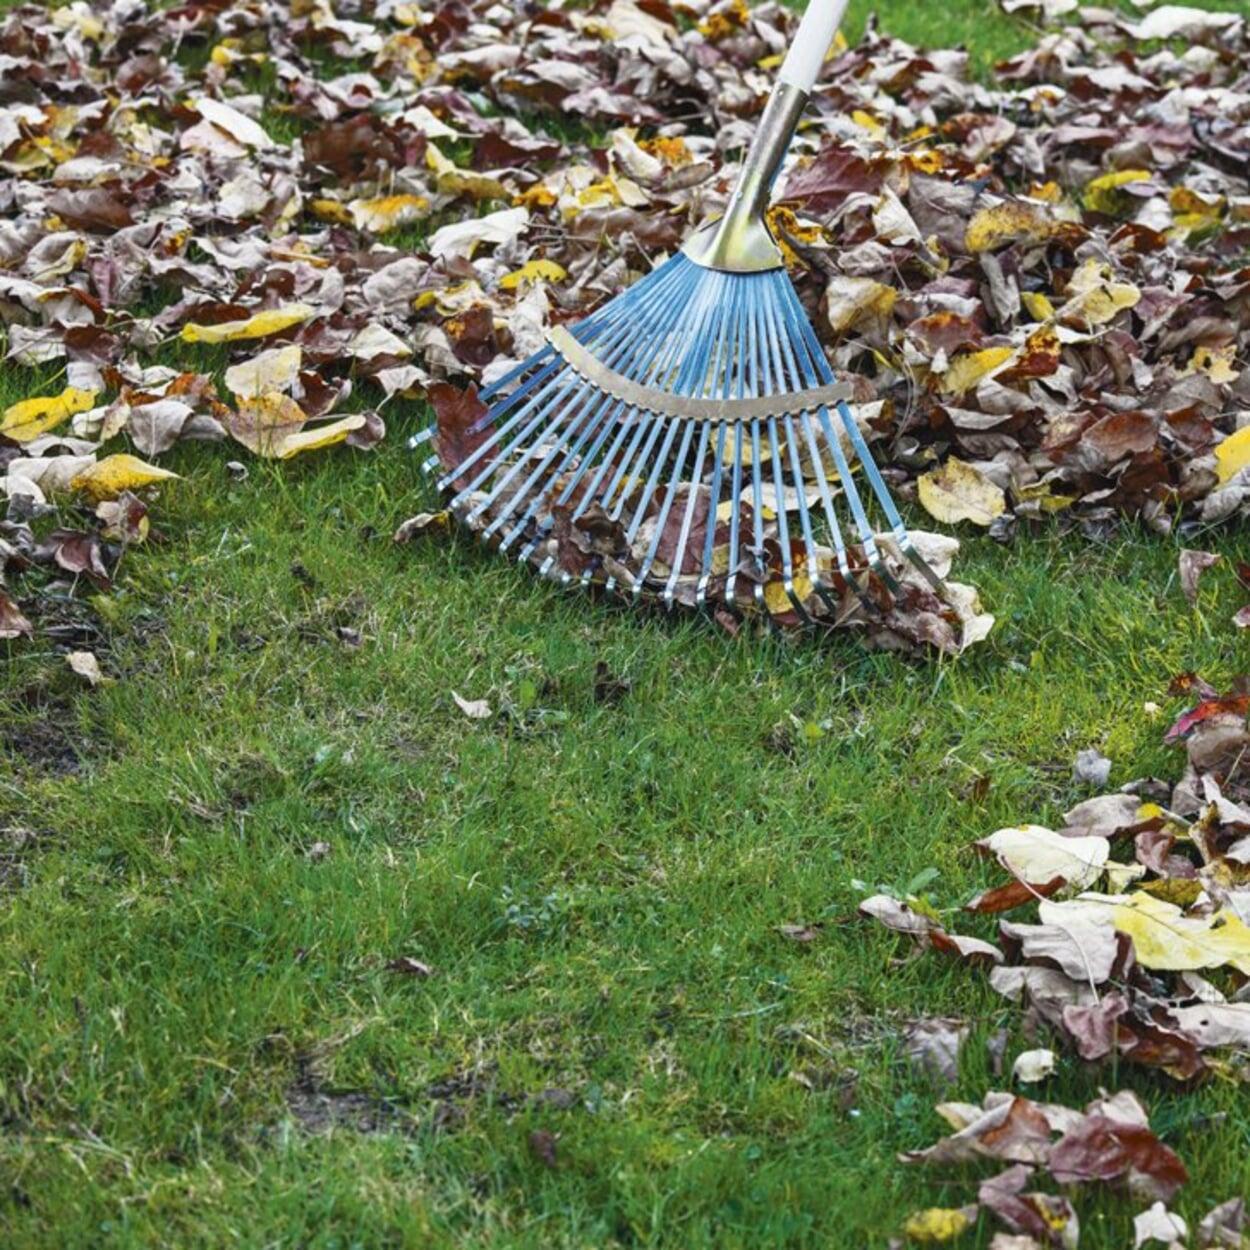 Falllaub regelmäßig vom Rasen entfernen